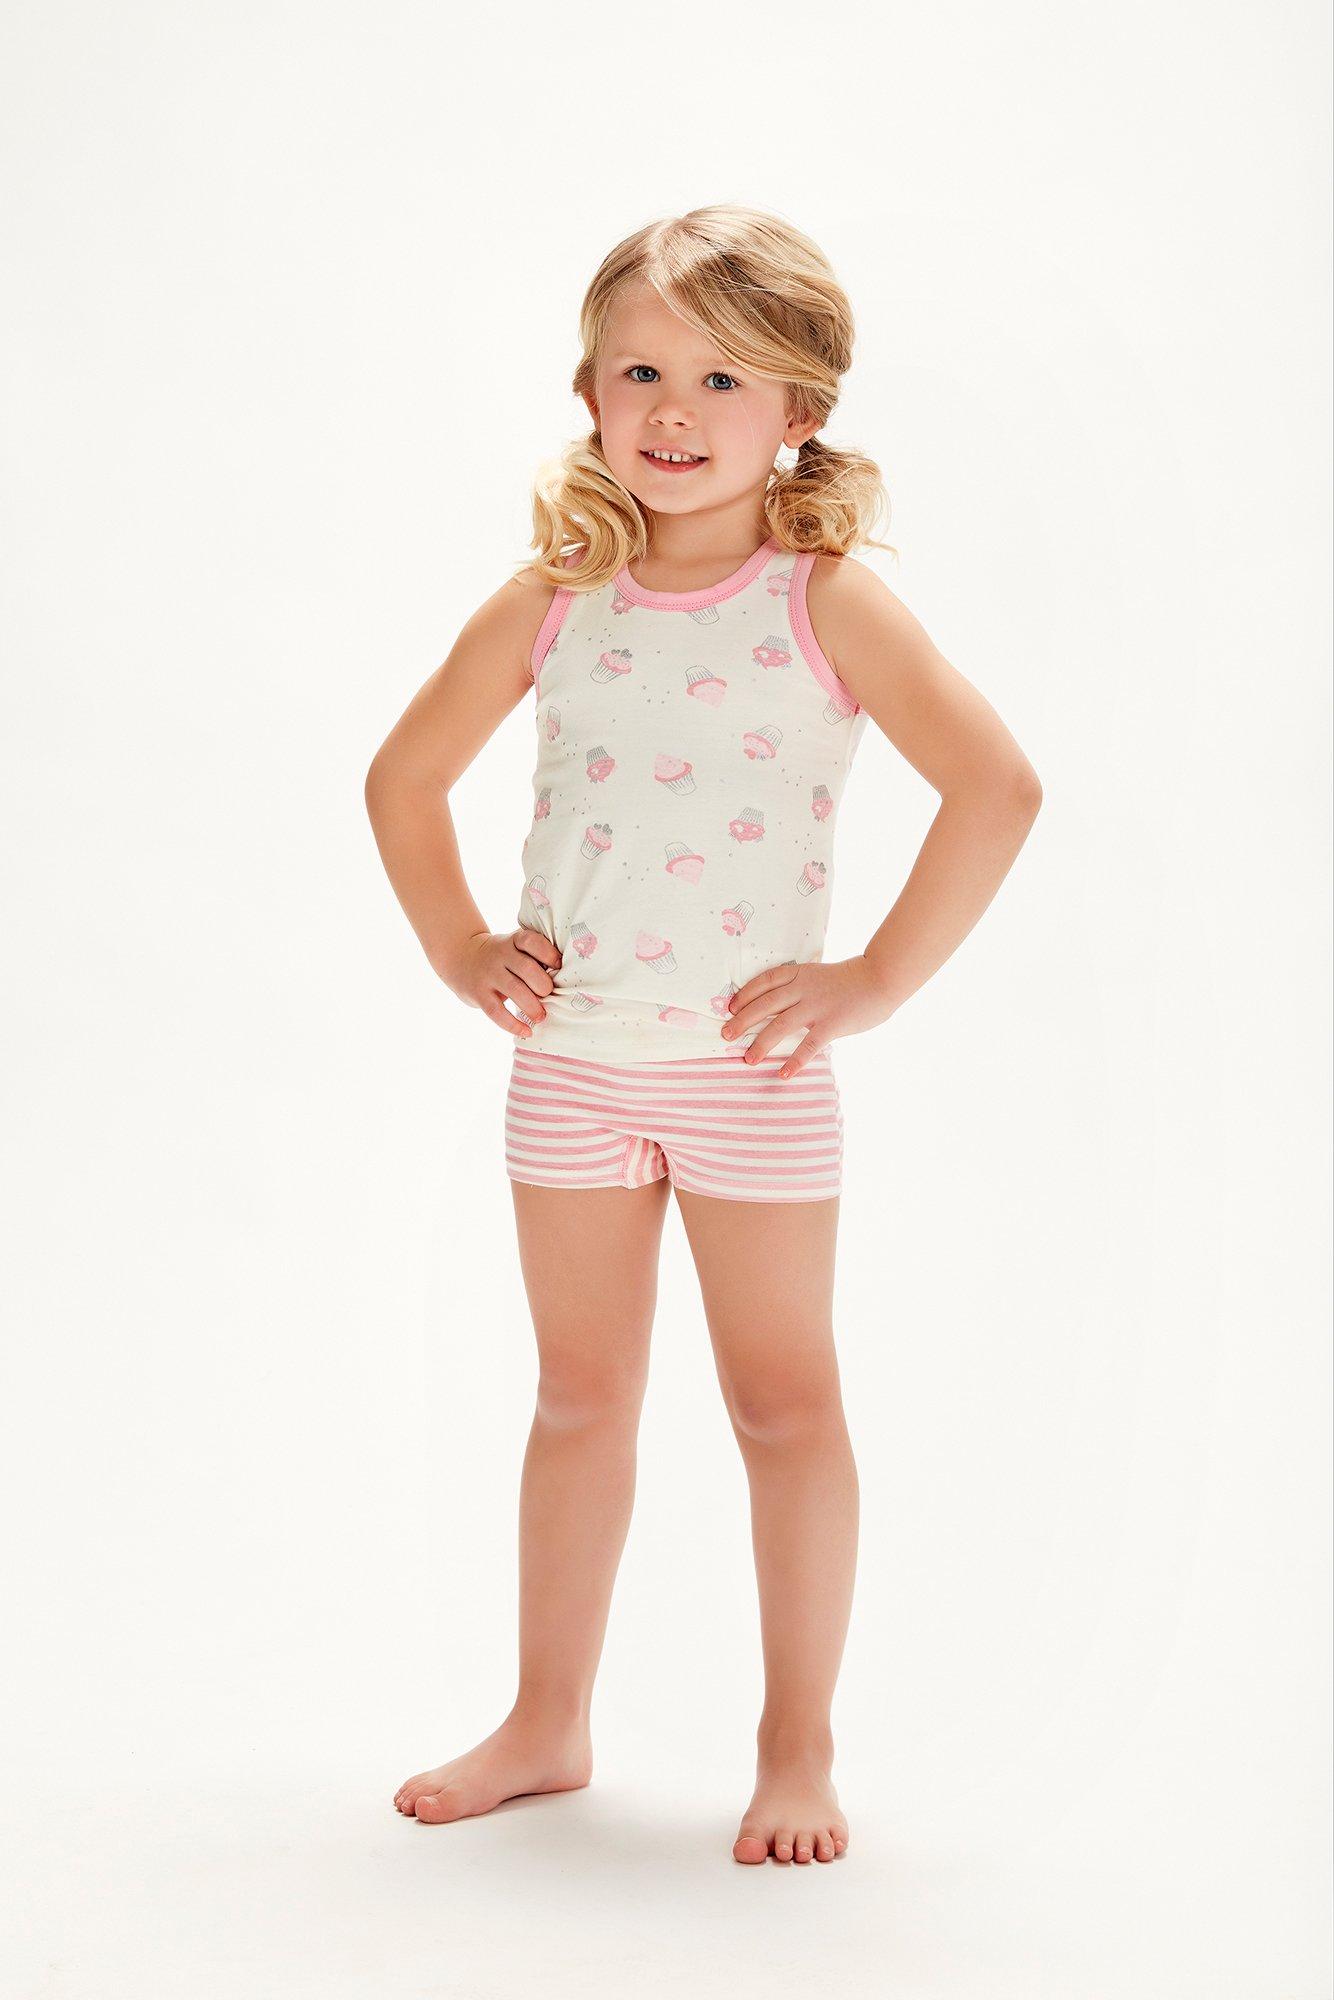 underwear child models